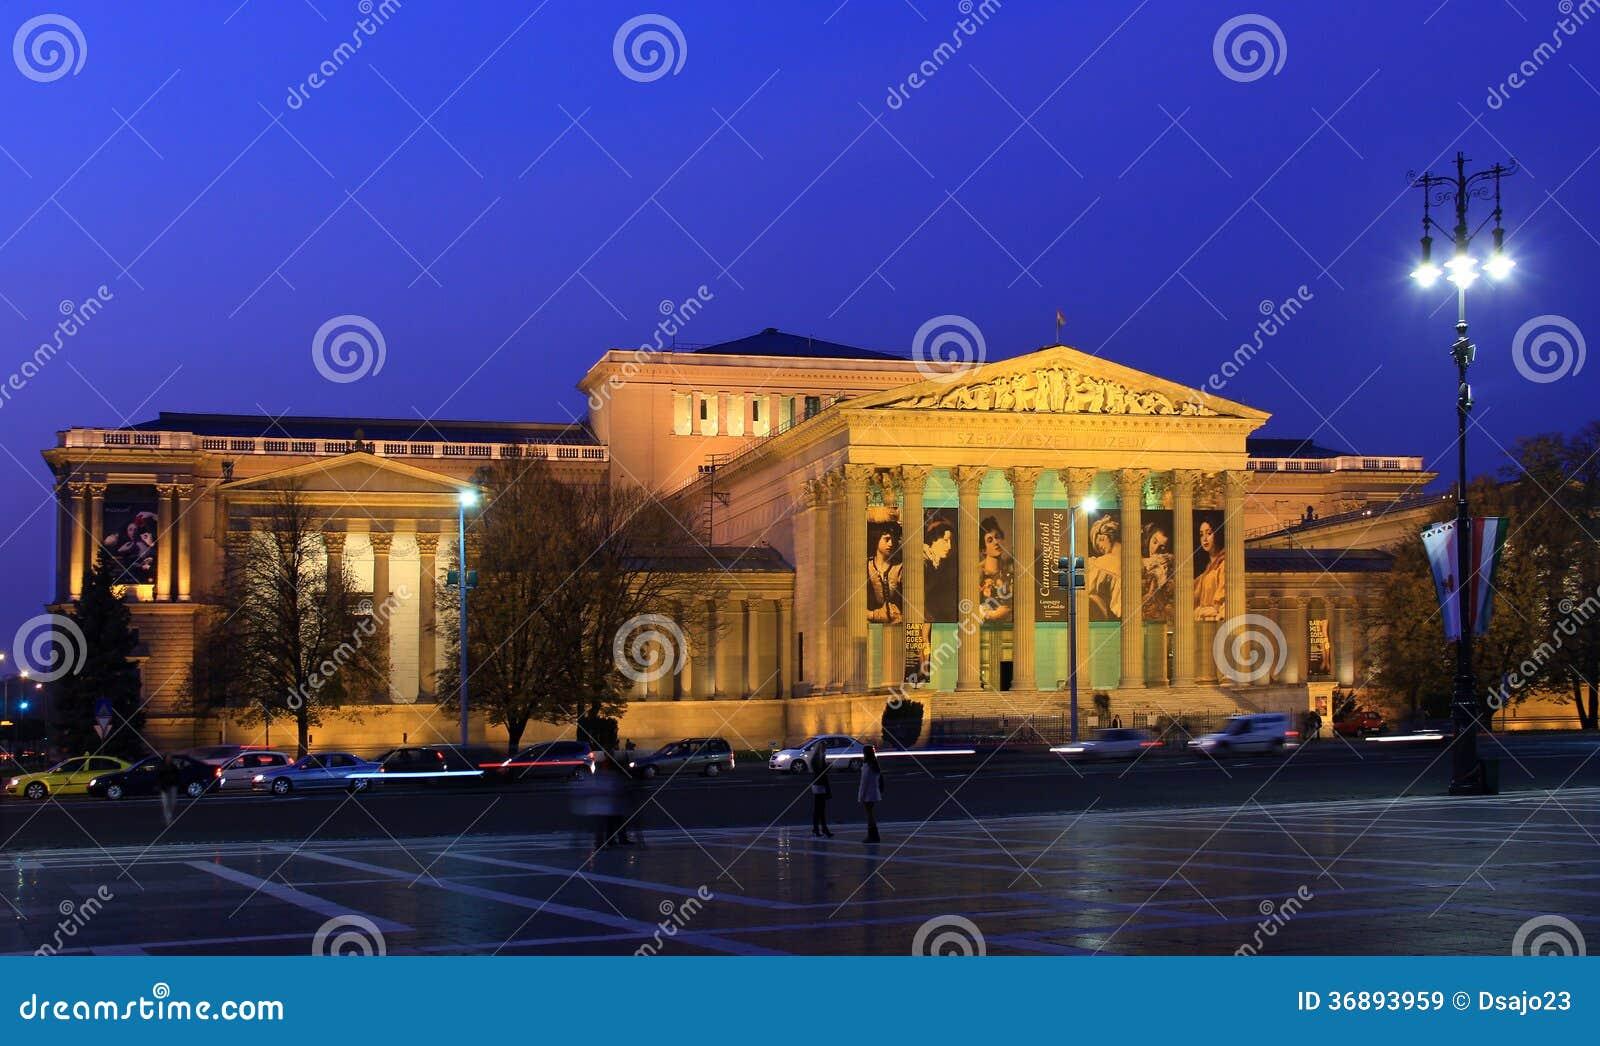 Le musée des beaux-arts à la place de héros, Budapest, Hongrie, nov.